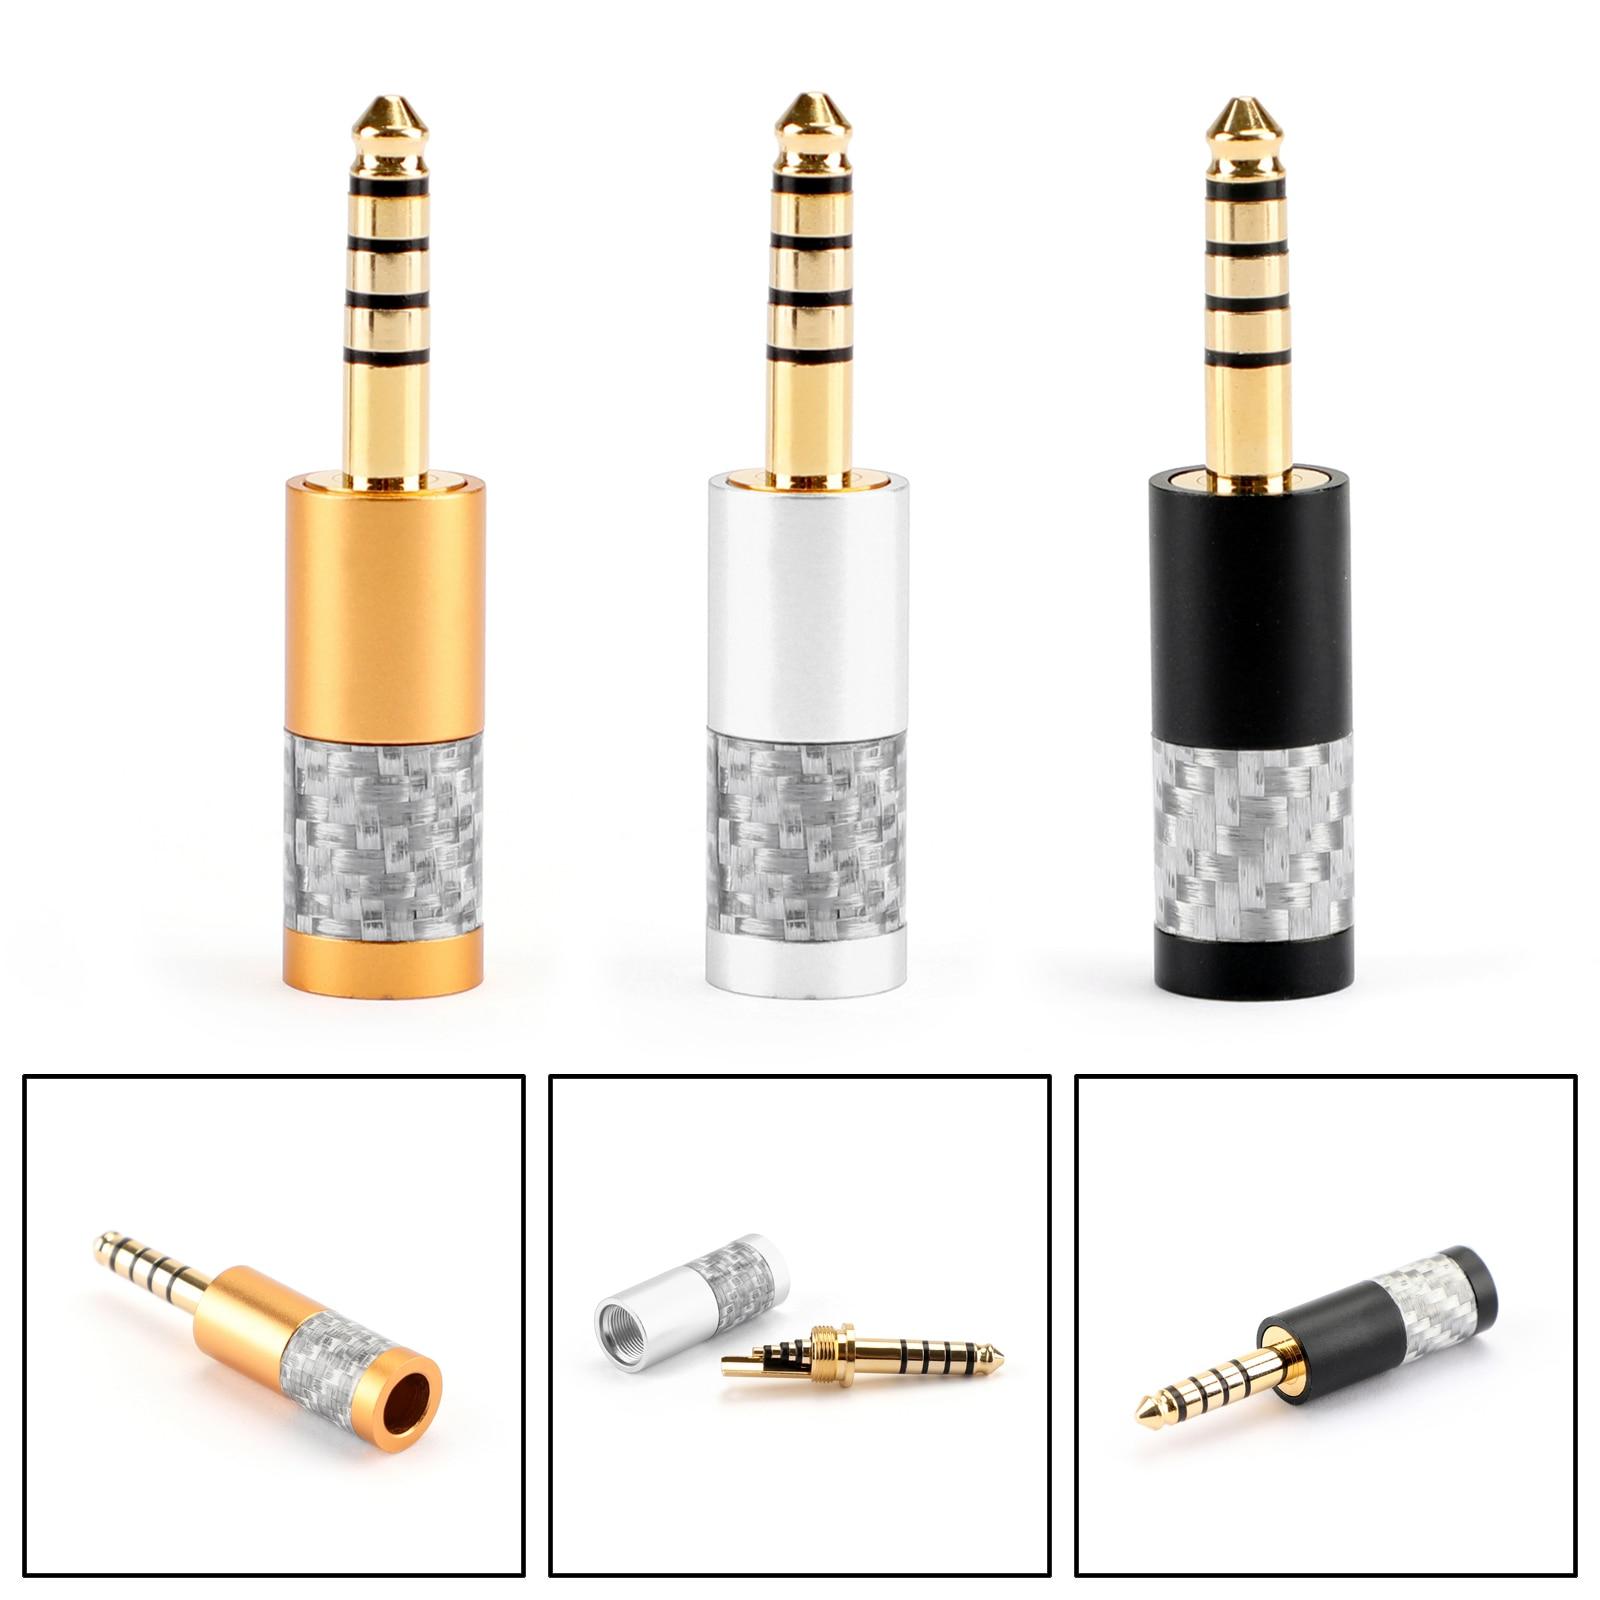 Areyourshop fibra de carbono 4.4mm 5 pólo balance plug conector de áudio para NW WM1Z para NW WM1A plug jack conector|Conectores| |  - title=